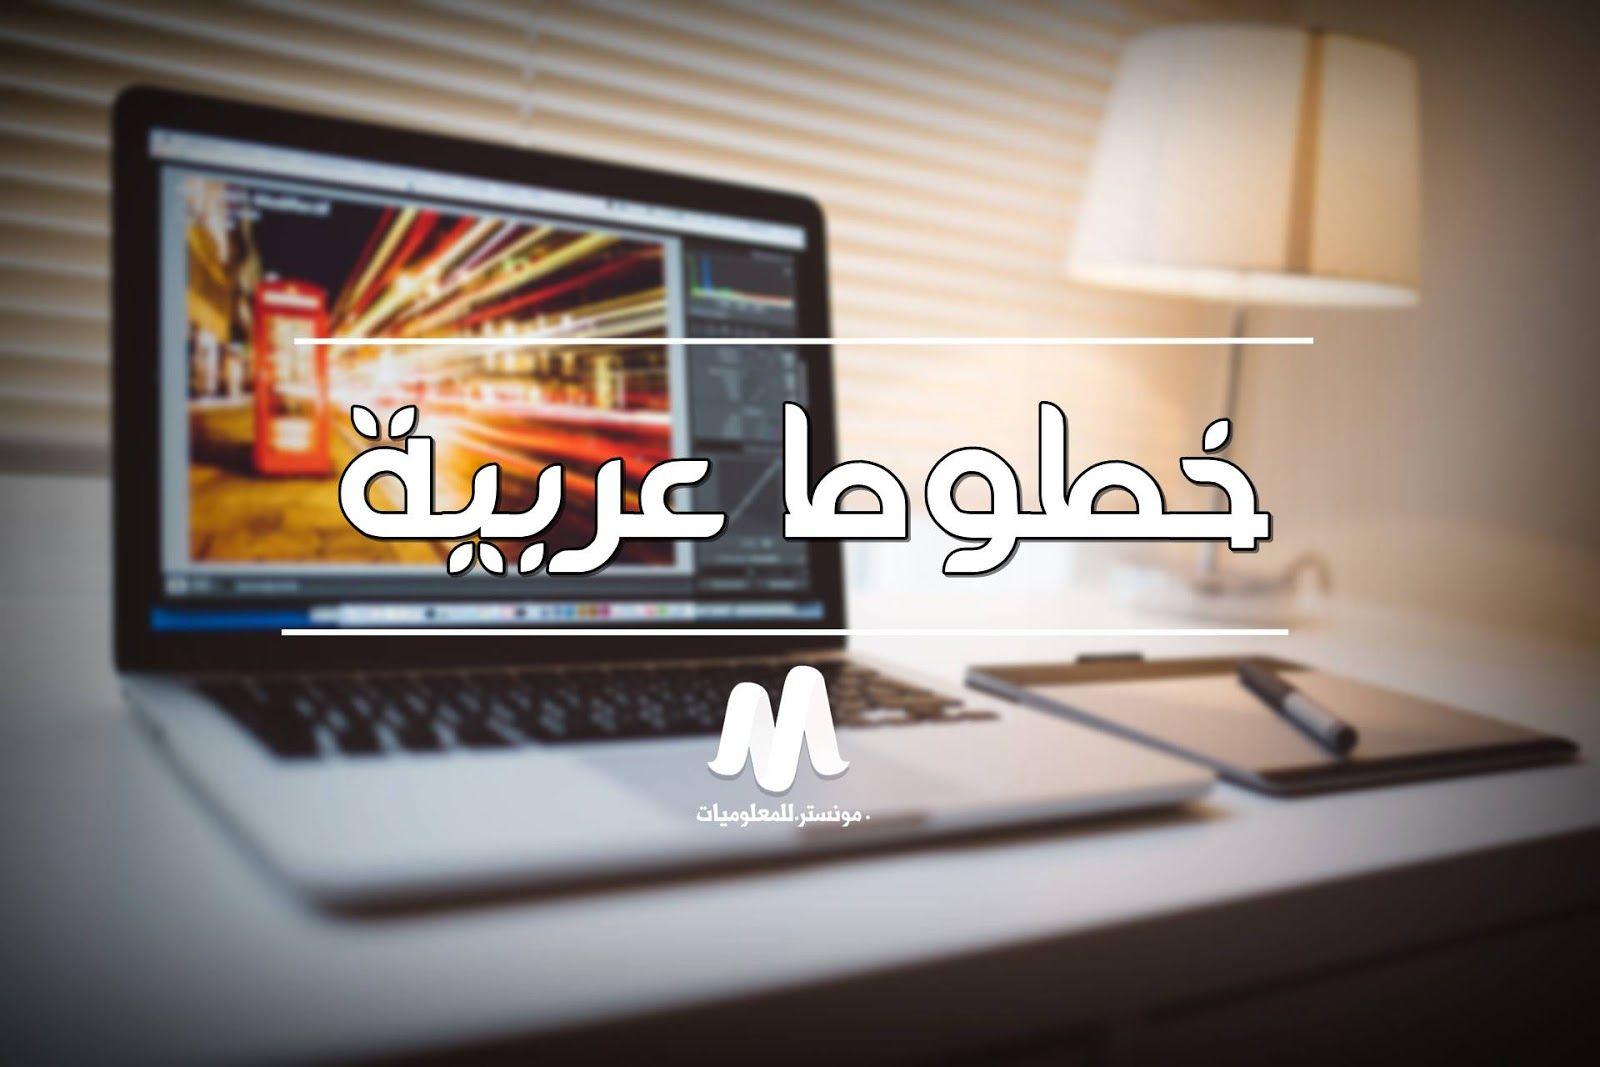 إذا كنت مهتما بالتصميم علي الفوتوشوب او التصميم علي برامج المونتاج فلابد انك تتعرض لاستخدام جمل باللغة العربية في كثير Electronic Products Electronics Computer